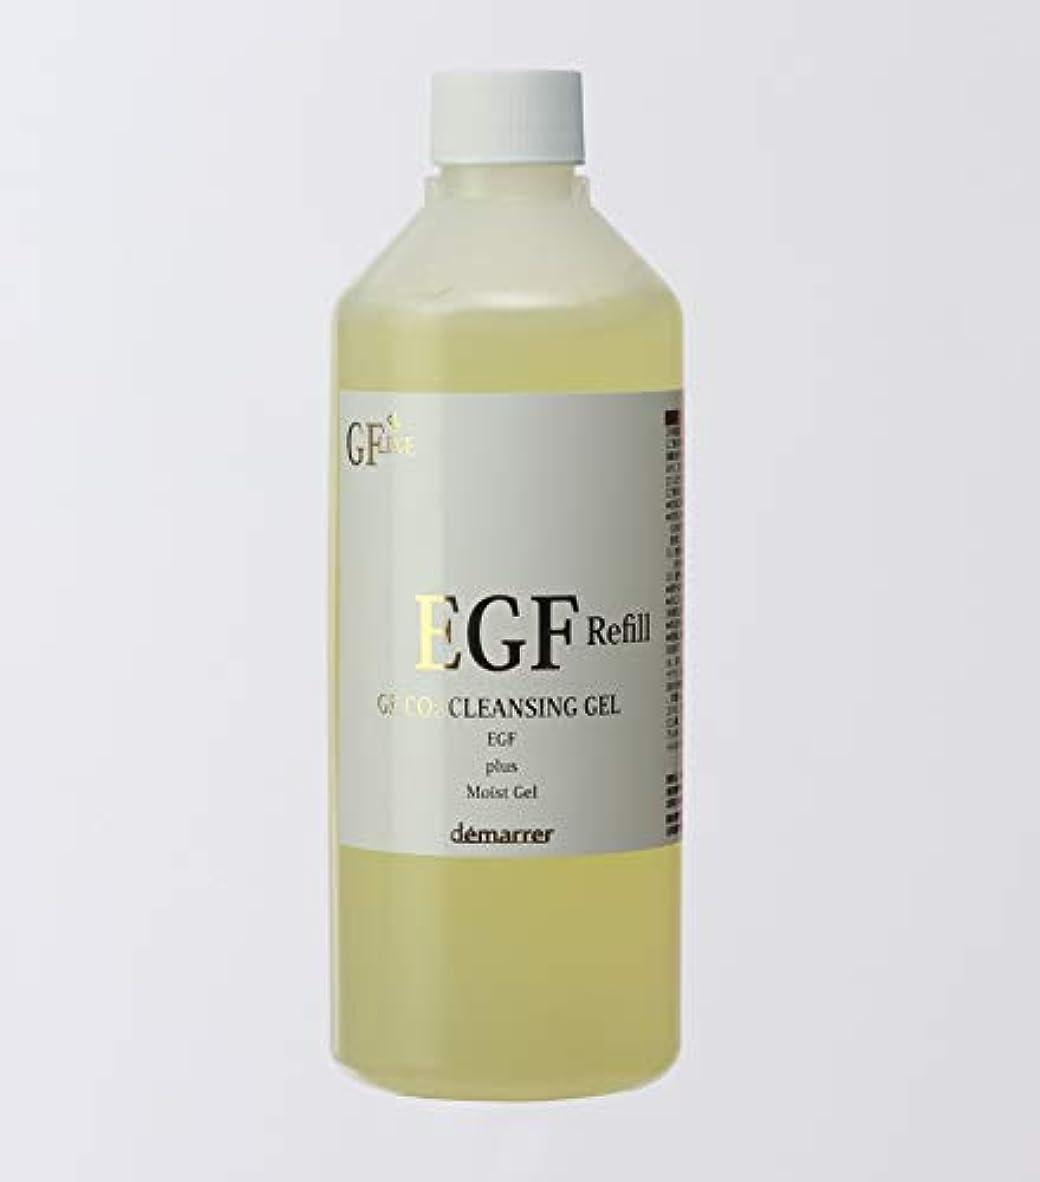 チーズところで雨デマレ GF 炭酸洗顔クレンジング 400g レフィル